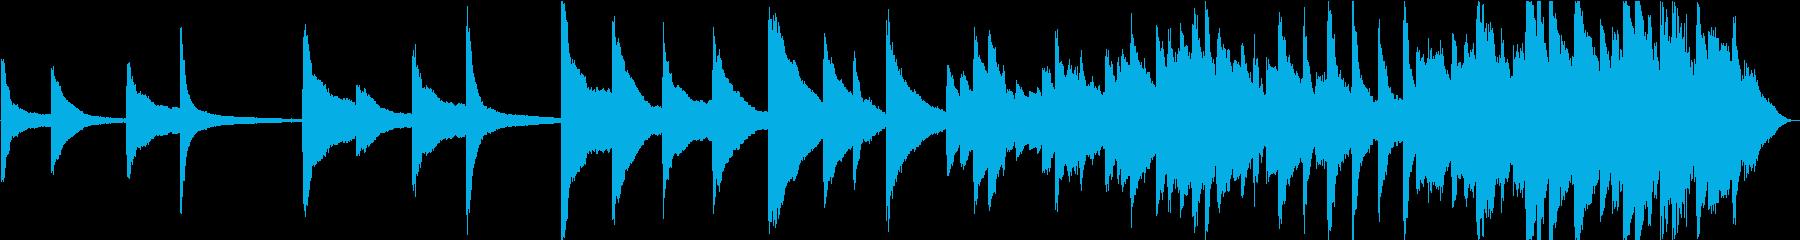 【生演奏】懐かしい雰囲気のピアノバラードの再生済みの波形